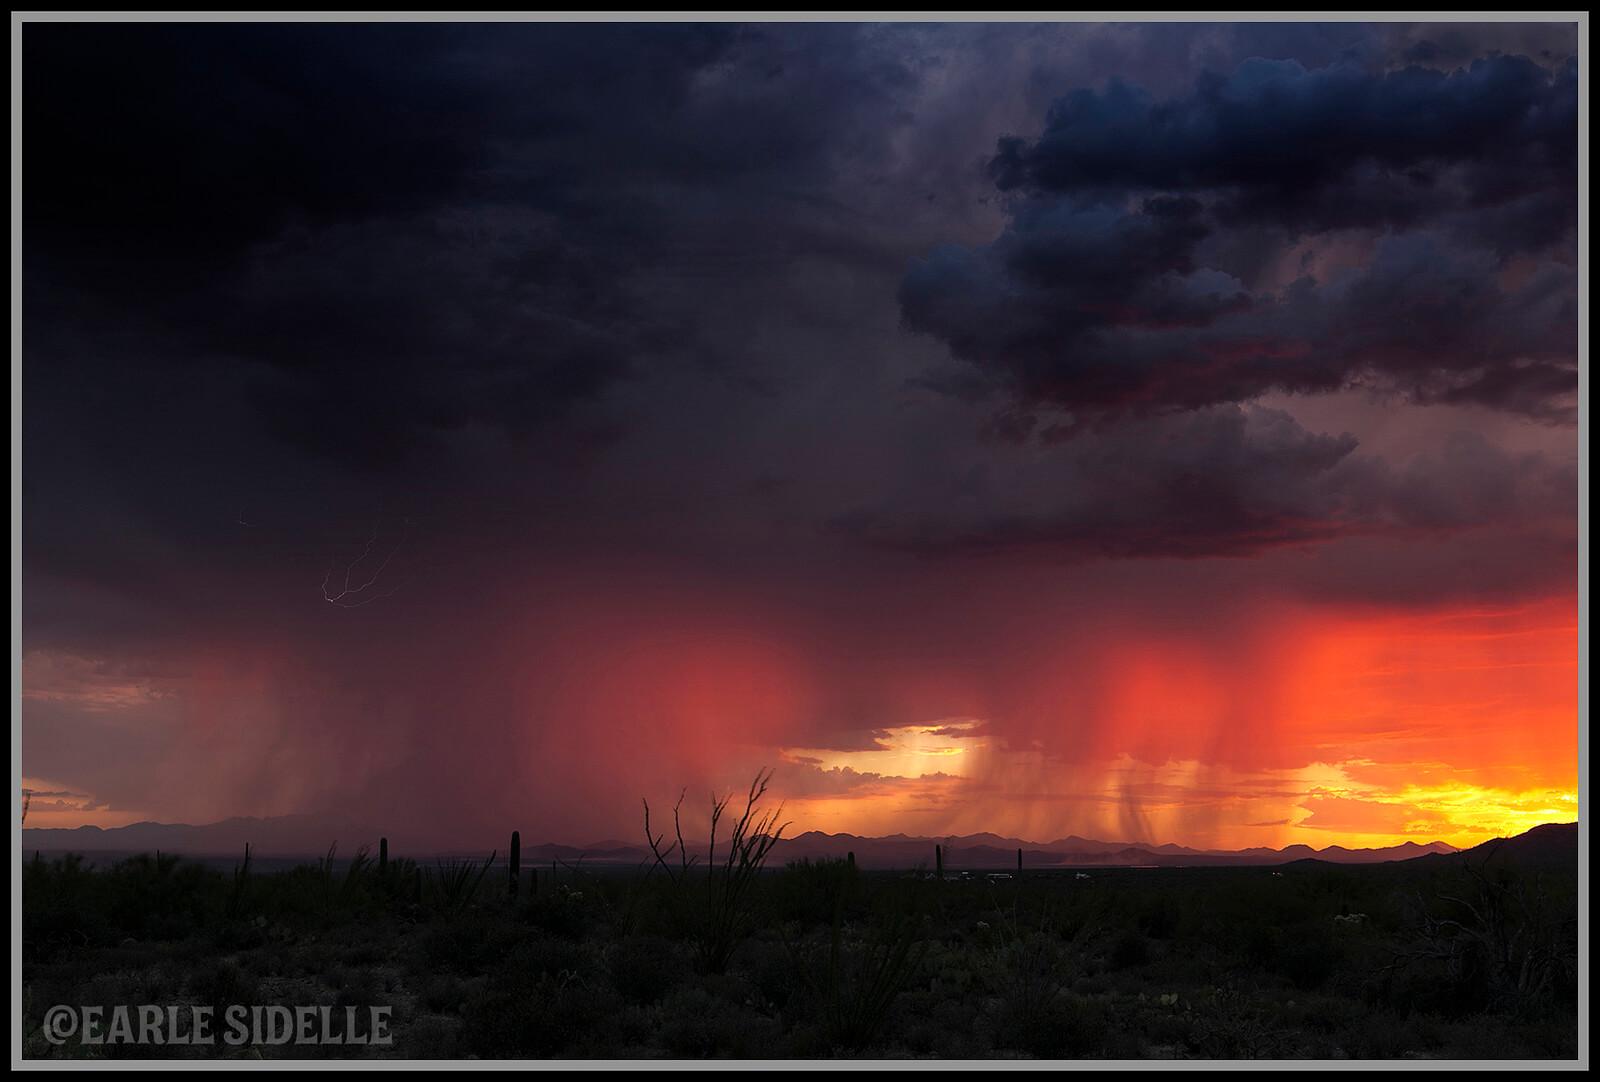 Flickr User Earle Sidelle